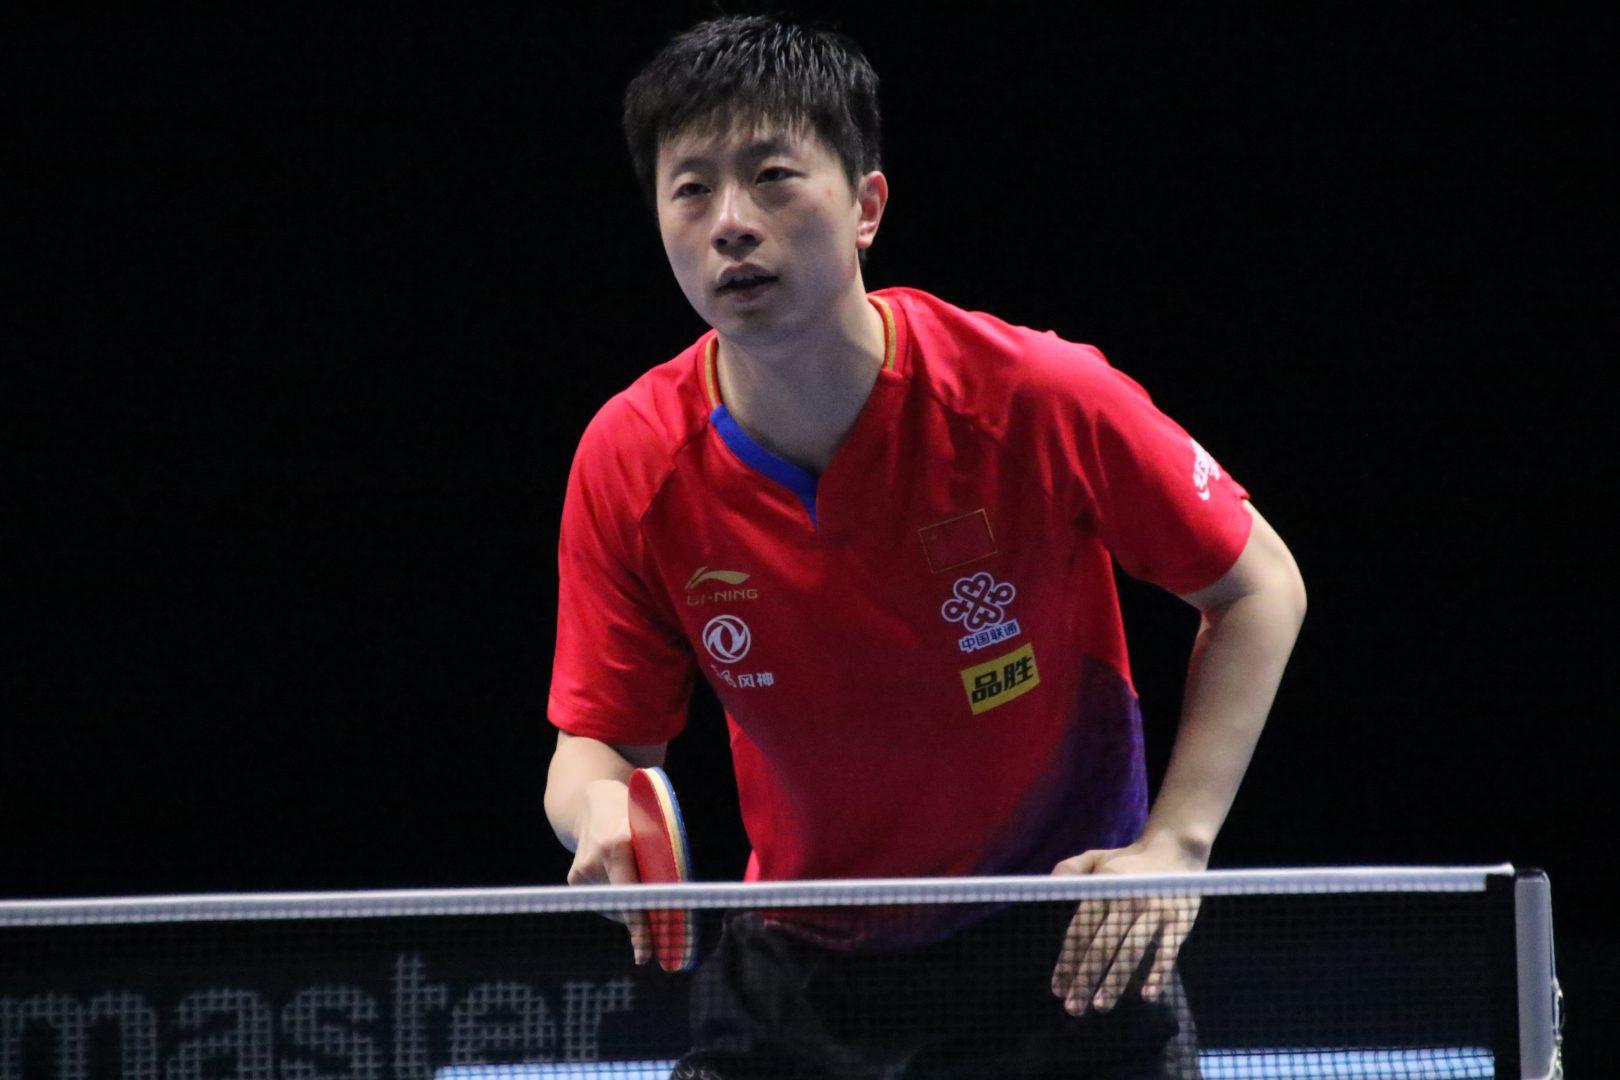 世界卓球王者・馬龍、利き手でない左手で強烈スマッシュ